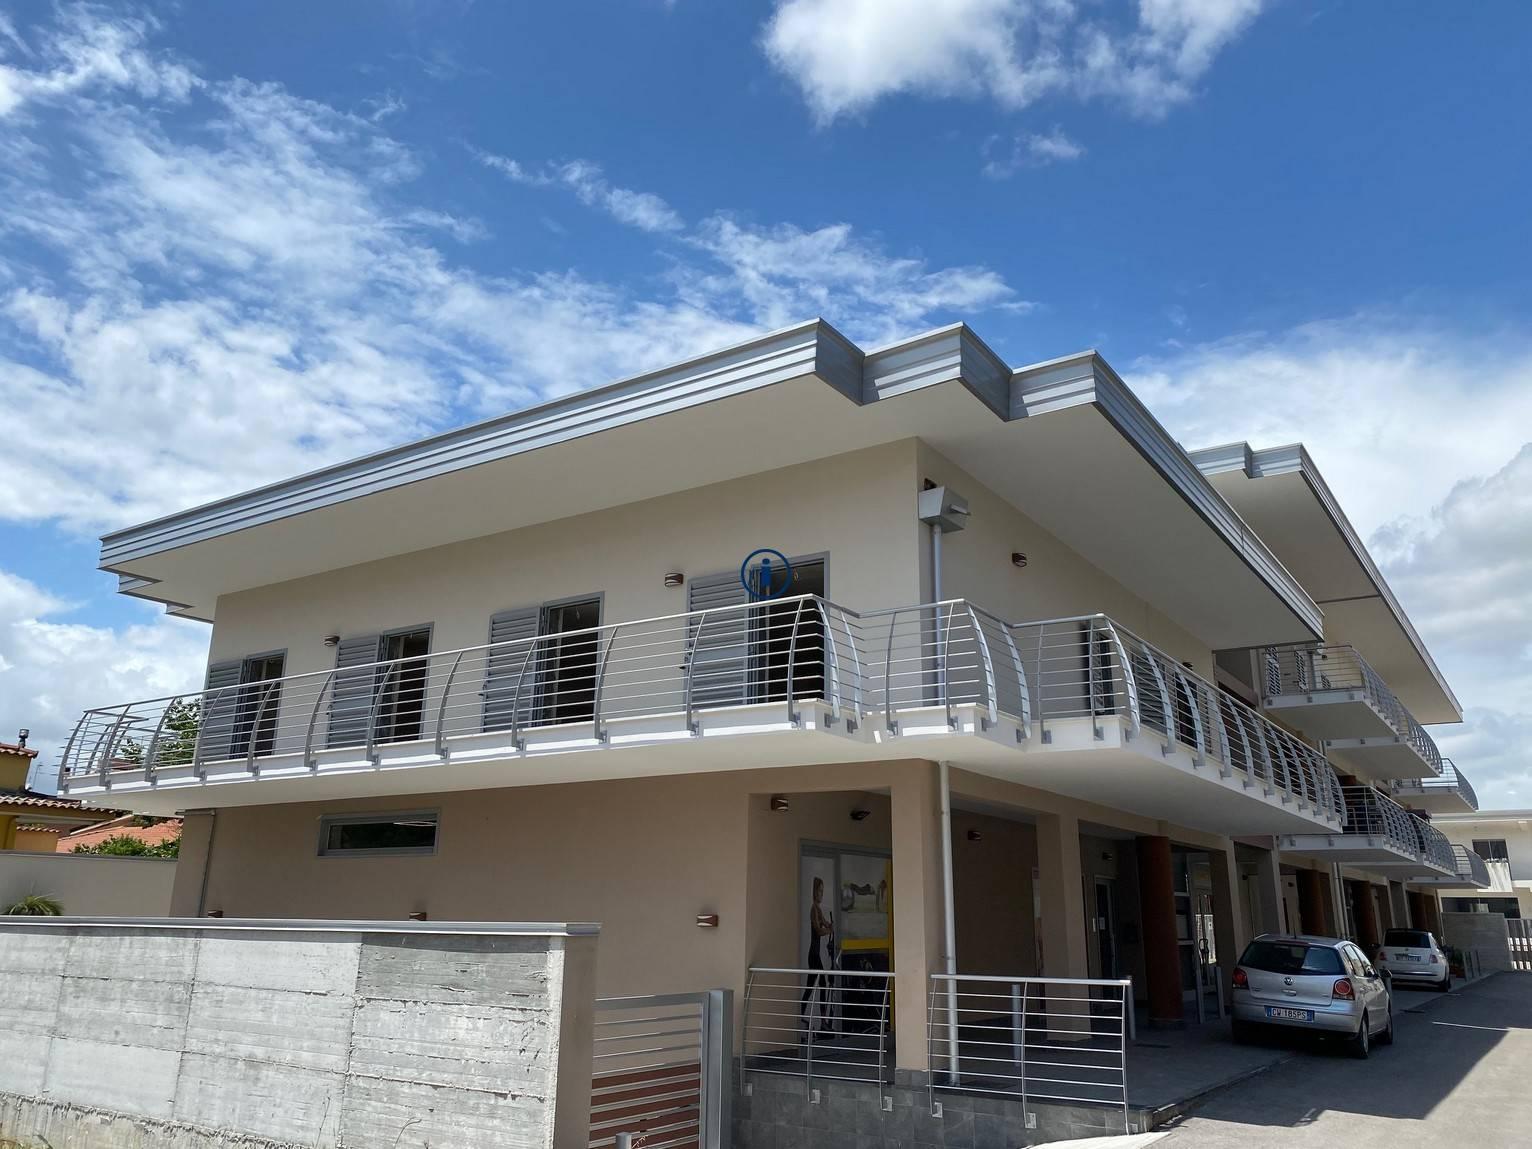 Appartamento in vendita a Capodrise, 3 locali, prezzo € 145.000 | PortaleAgenzieImmobiliari.it